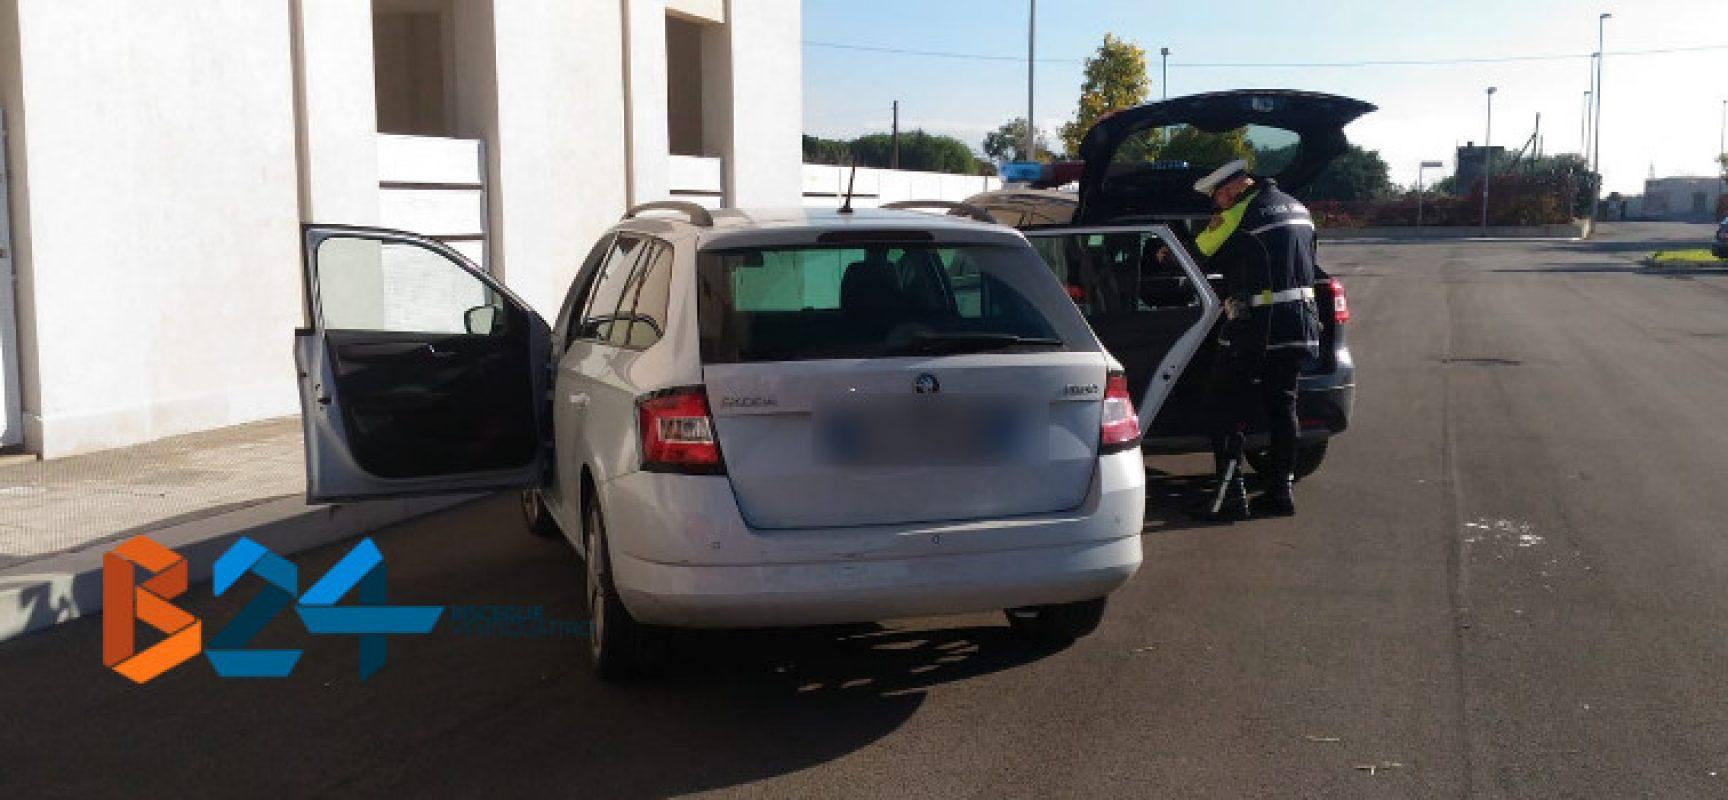 Polizia Locale sventa furto d'auto nella zona 167